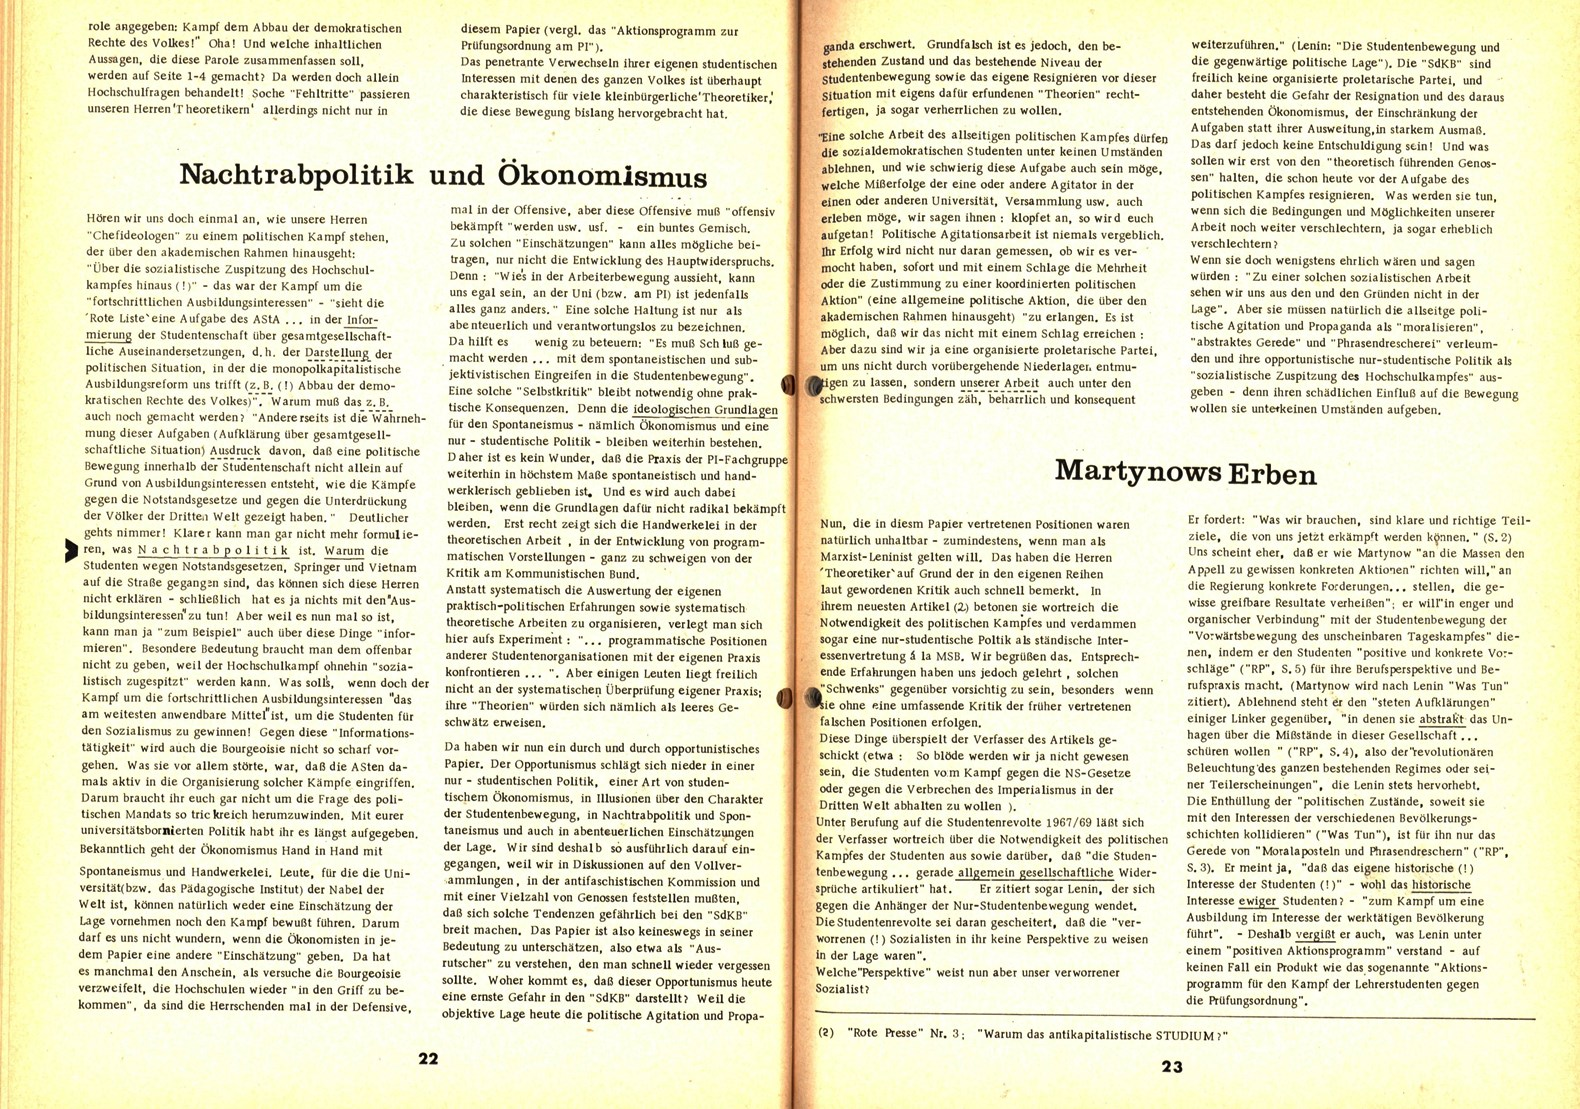 KB_Unser_Weg_19720200_12